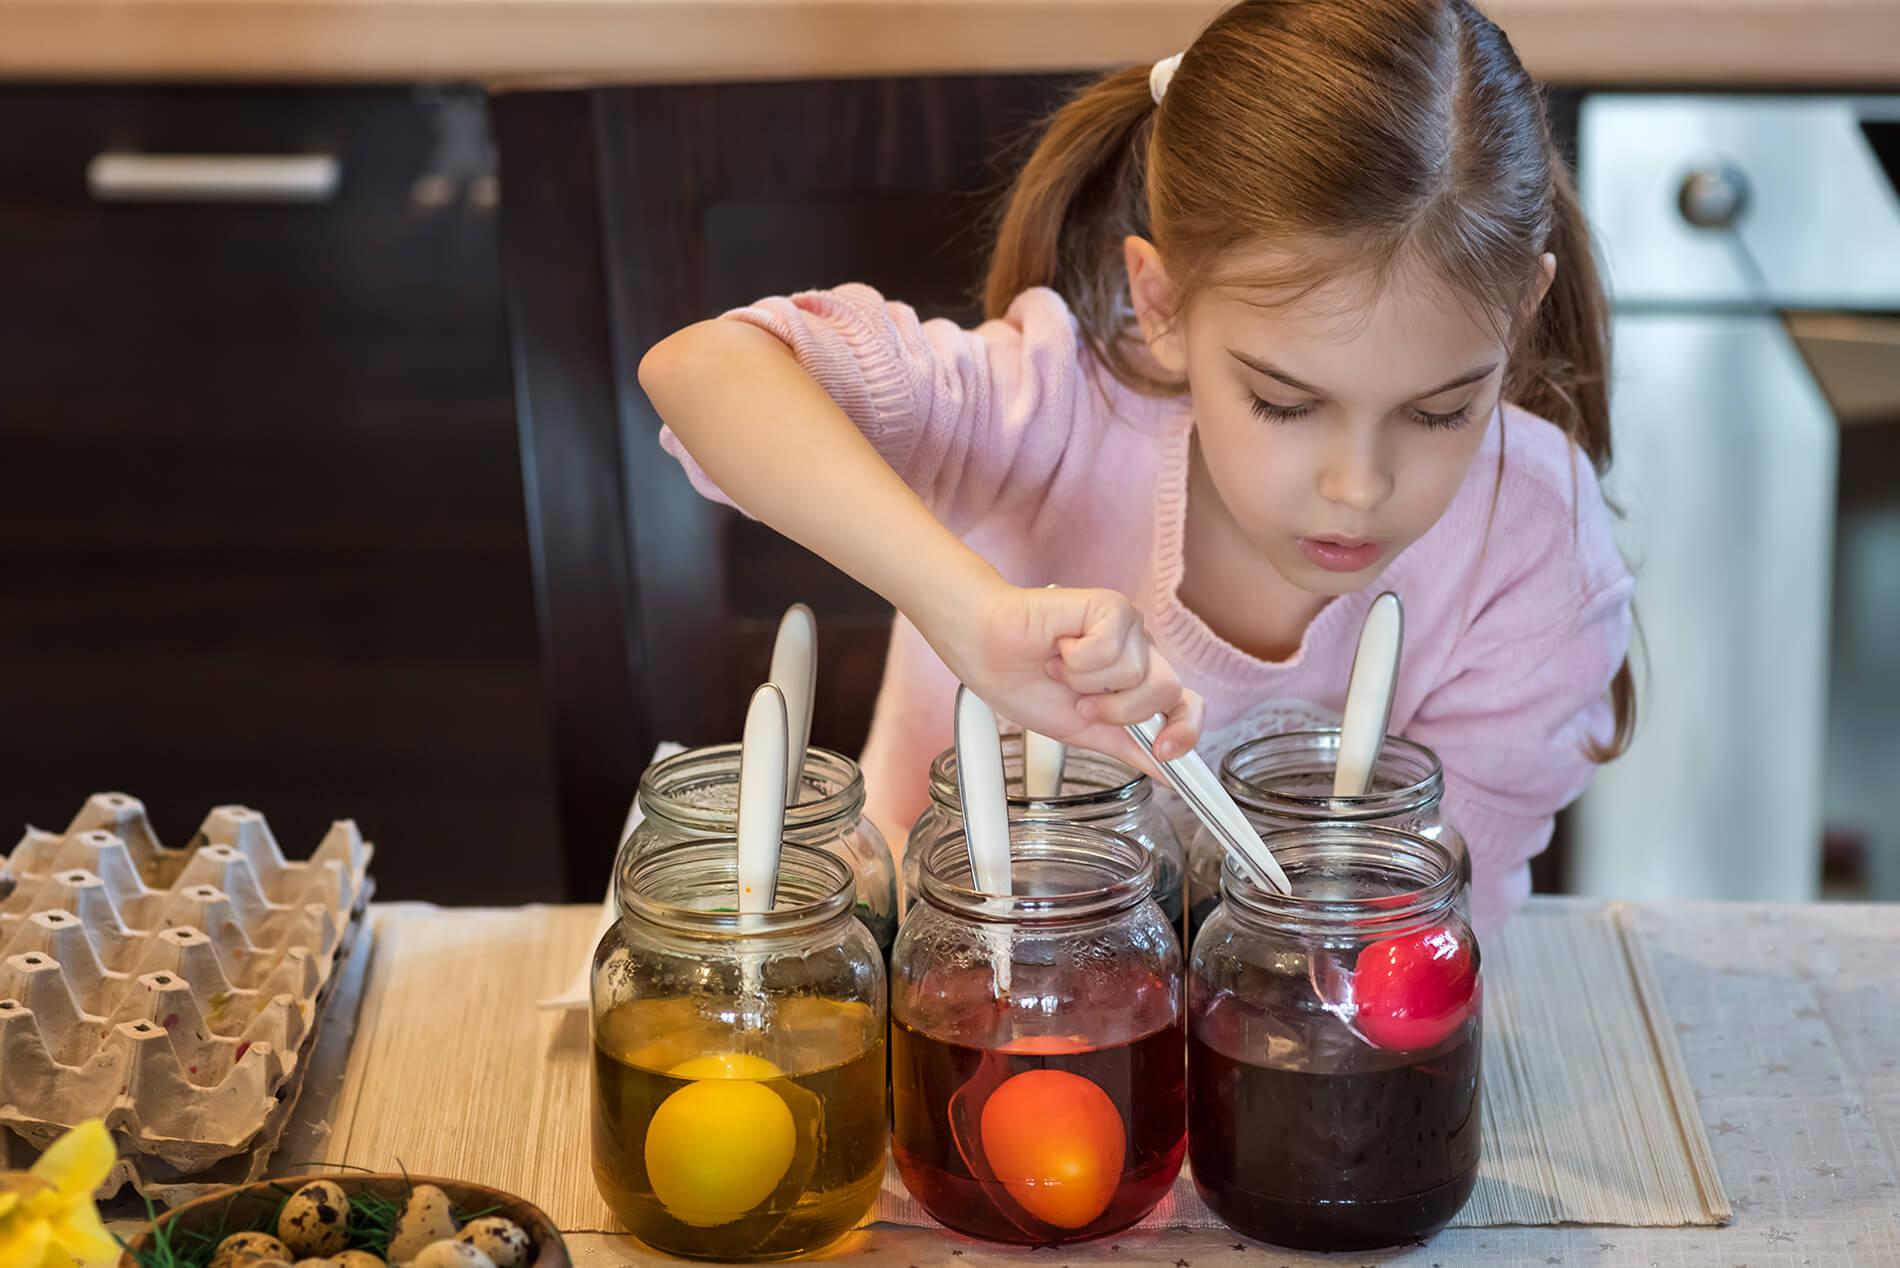 Dingen om te doen: 10 goedkope activiteiten om kinderen te vermaken